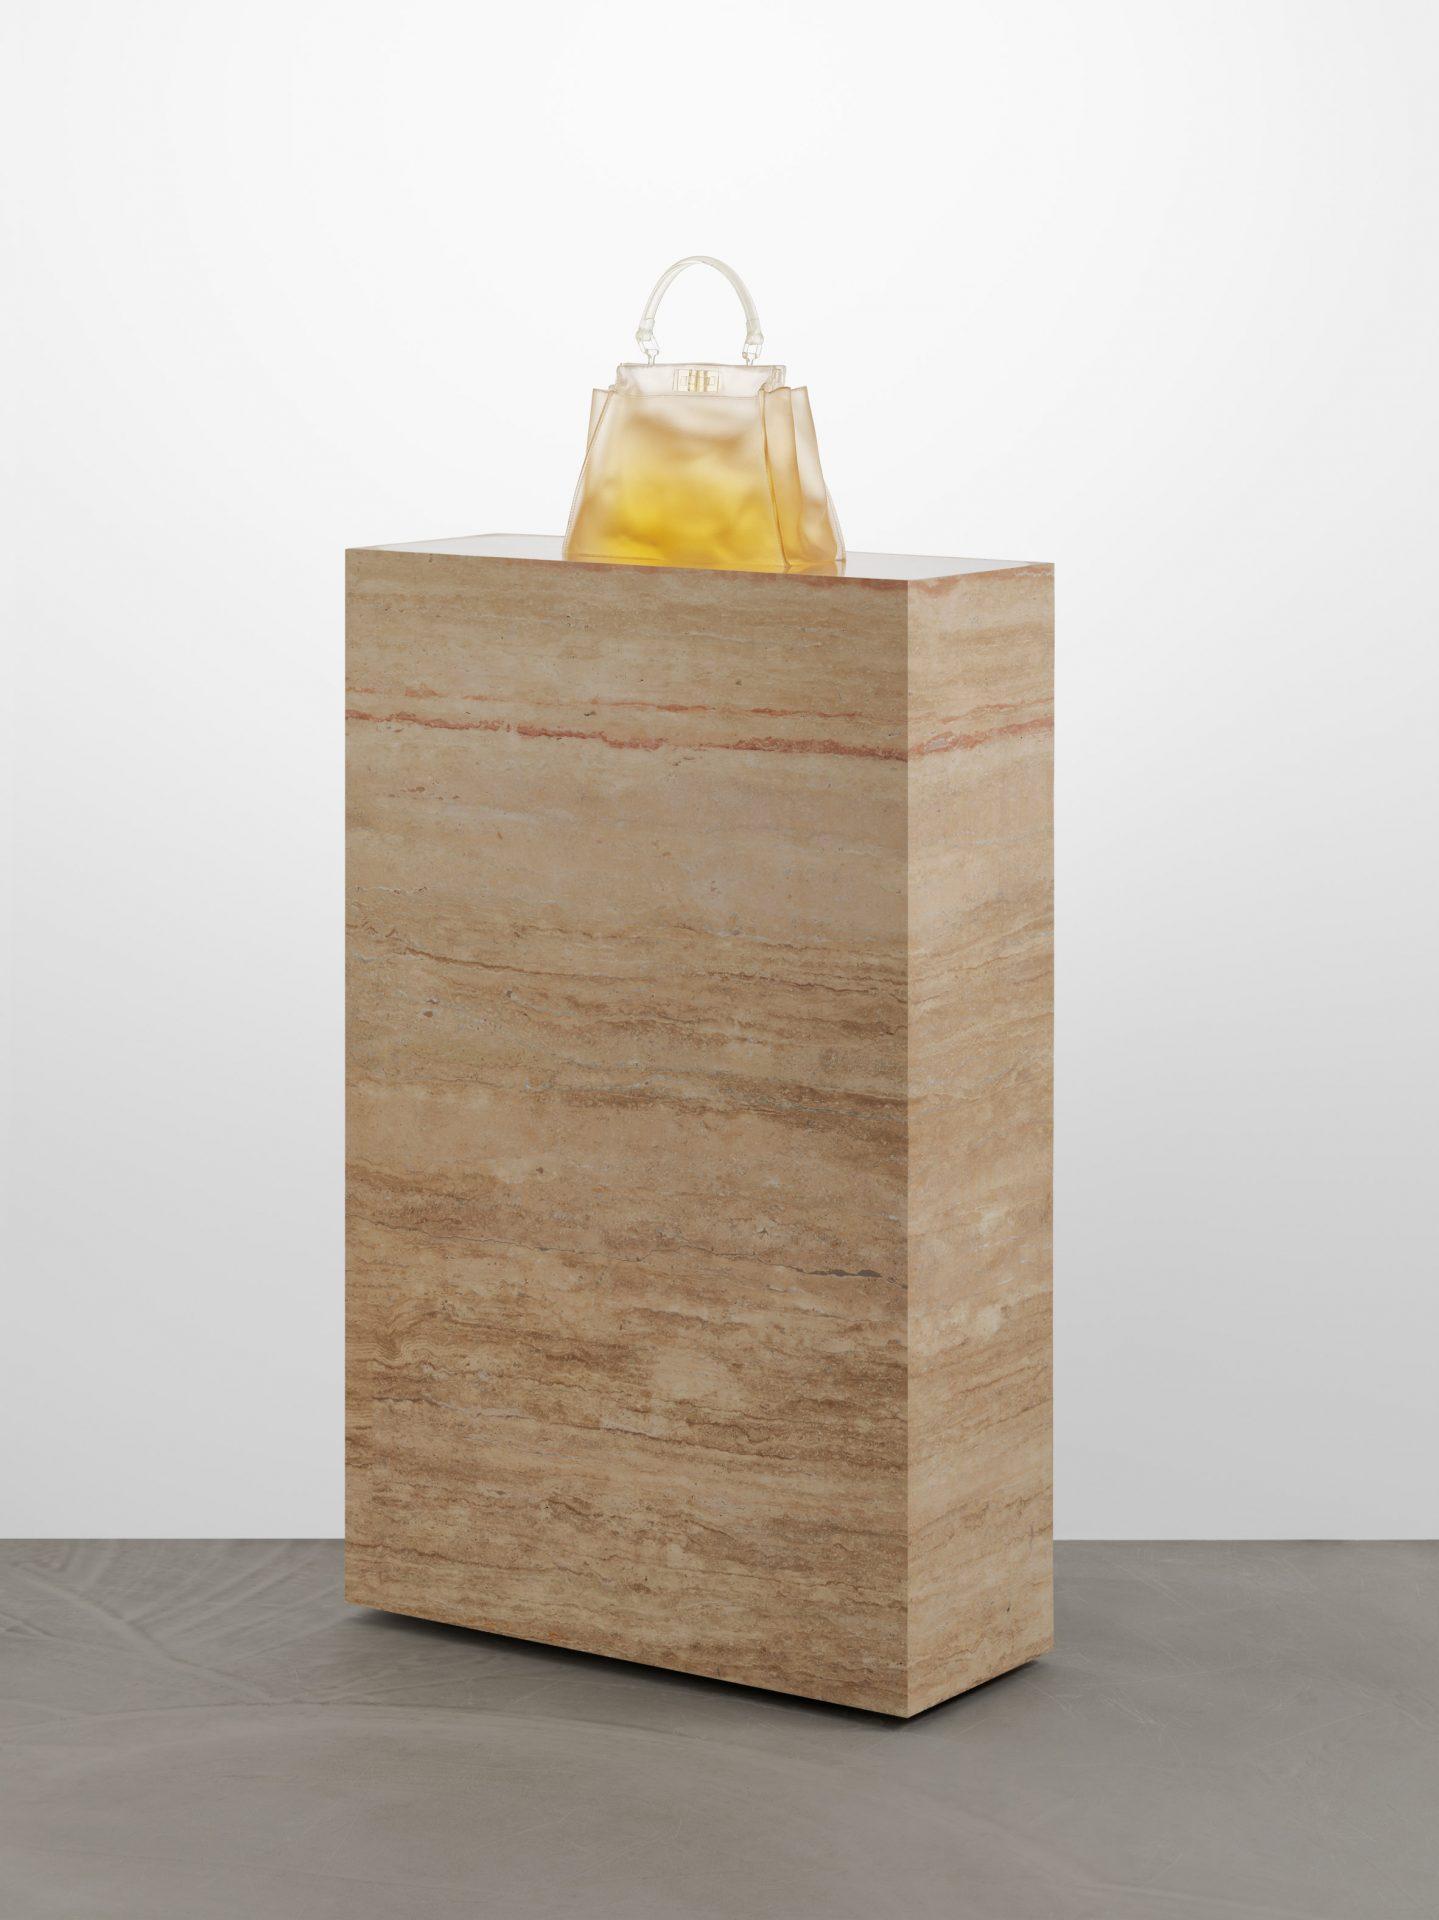 Eclectic-Trends-water-sculptures-Sabine-Marcelis-Fendi-11